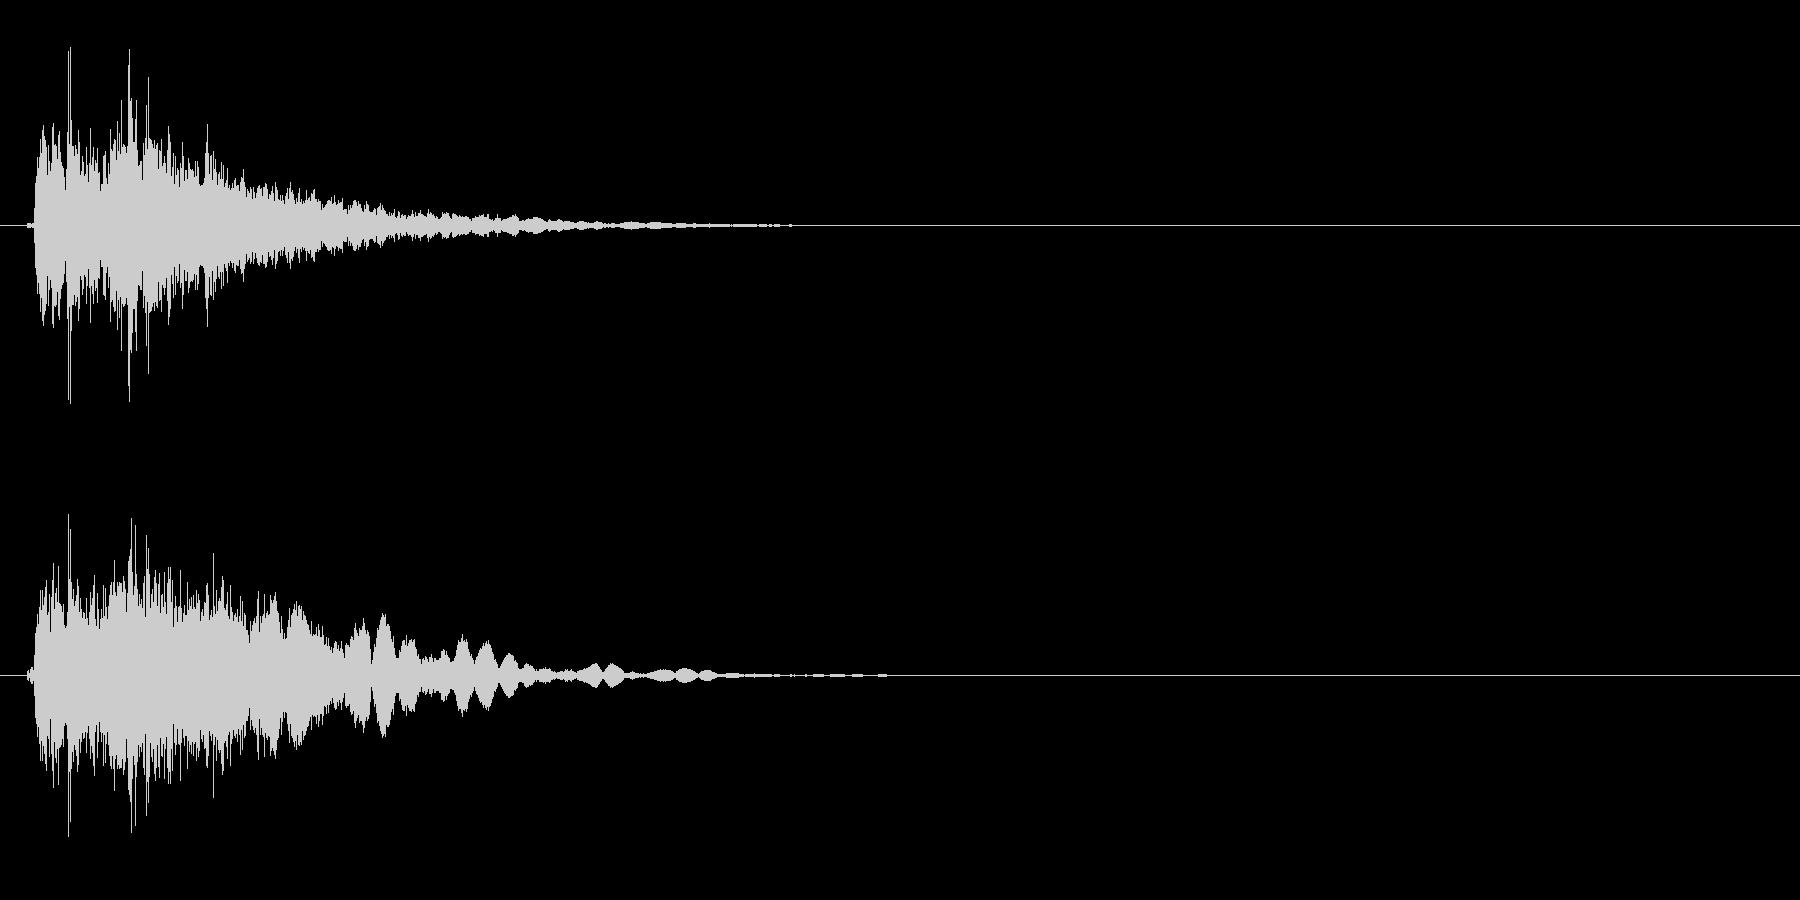 フェンス 揺らす音の未再生の波形